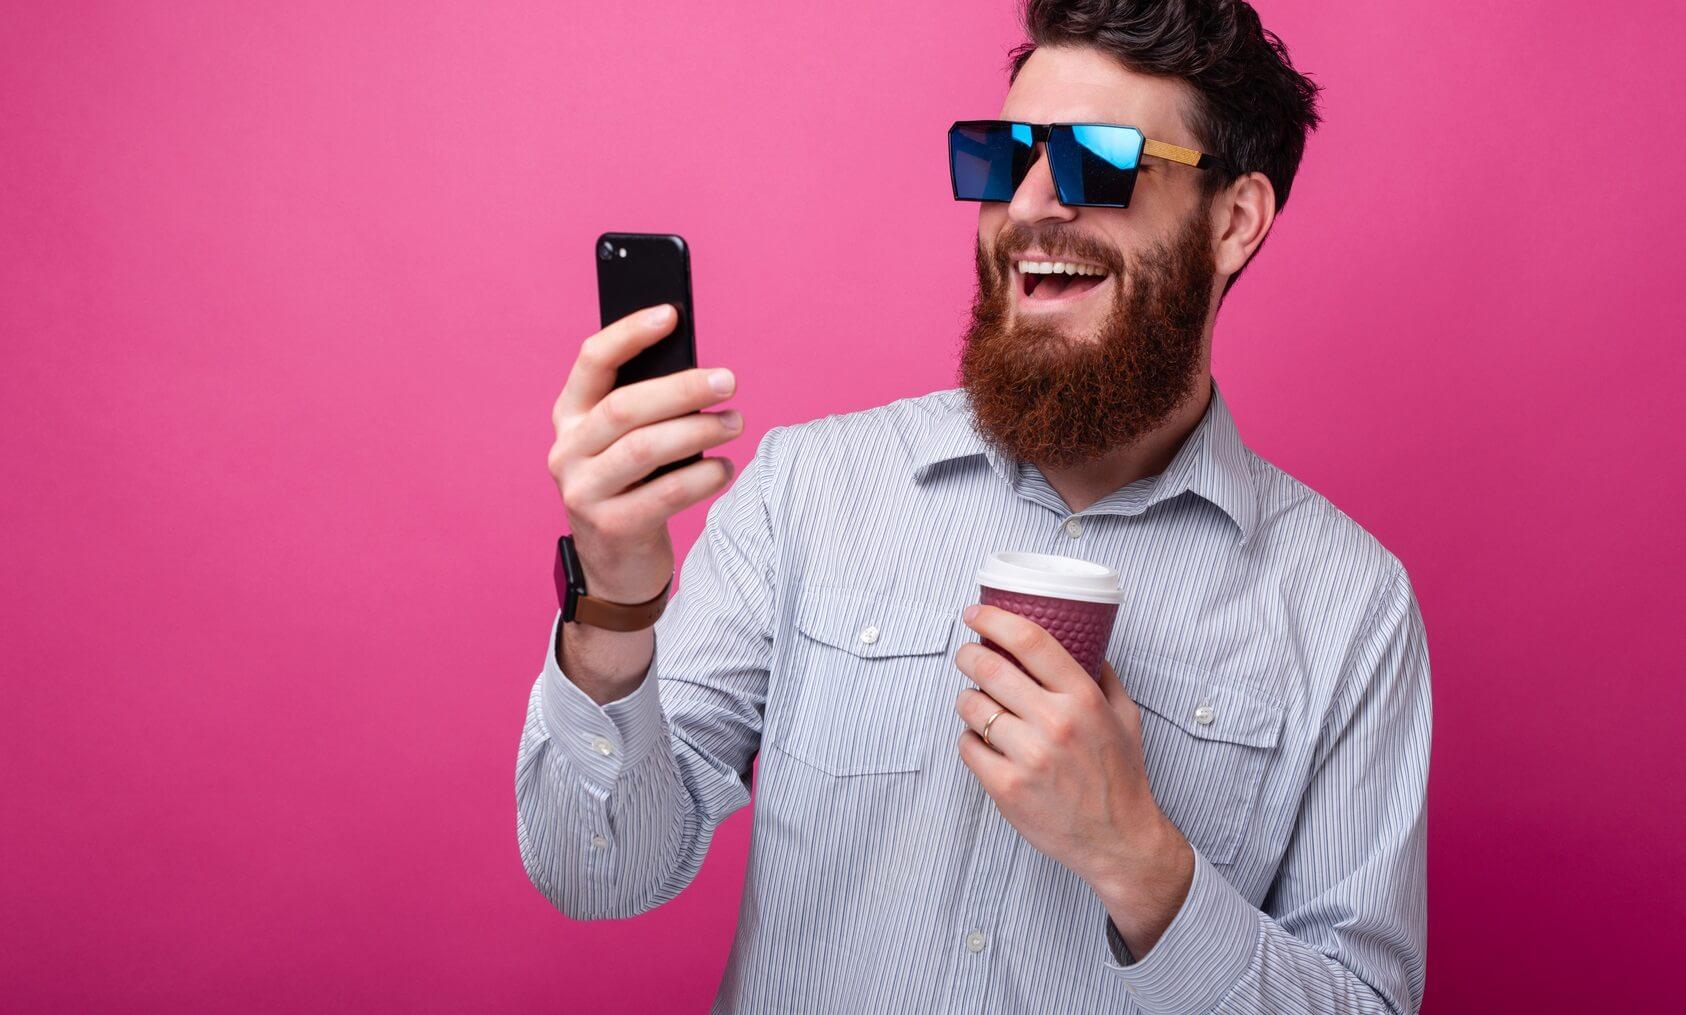 Oasis dating app per iPhone 5 segni che stai uscendo con un sociopatico